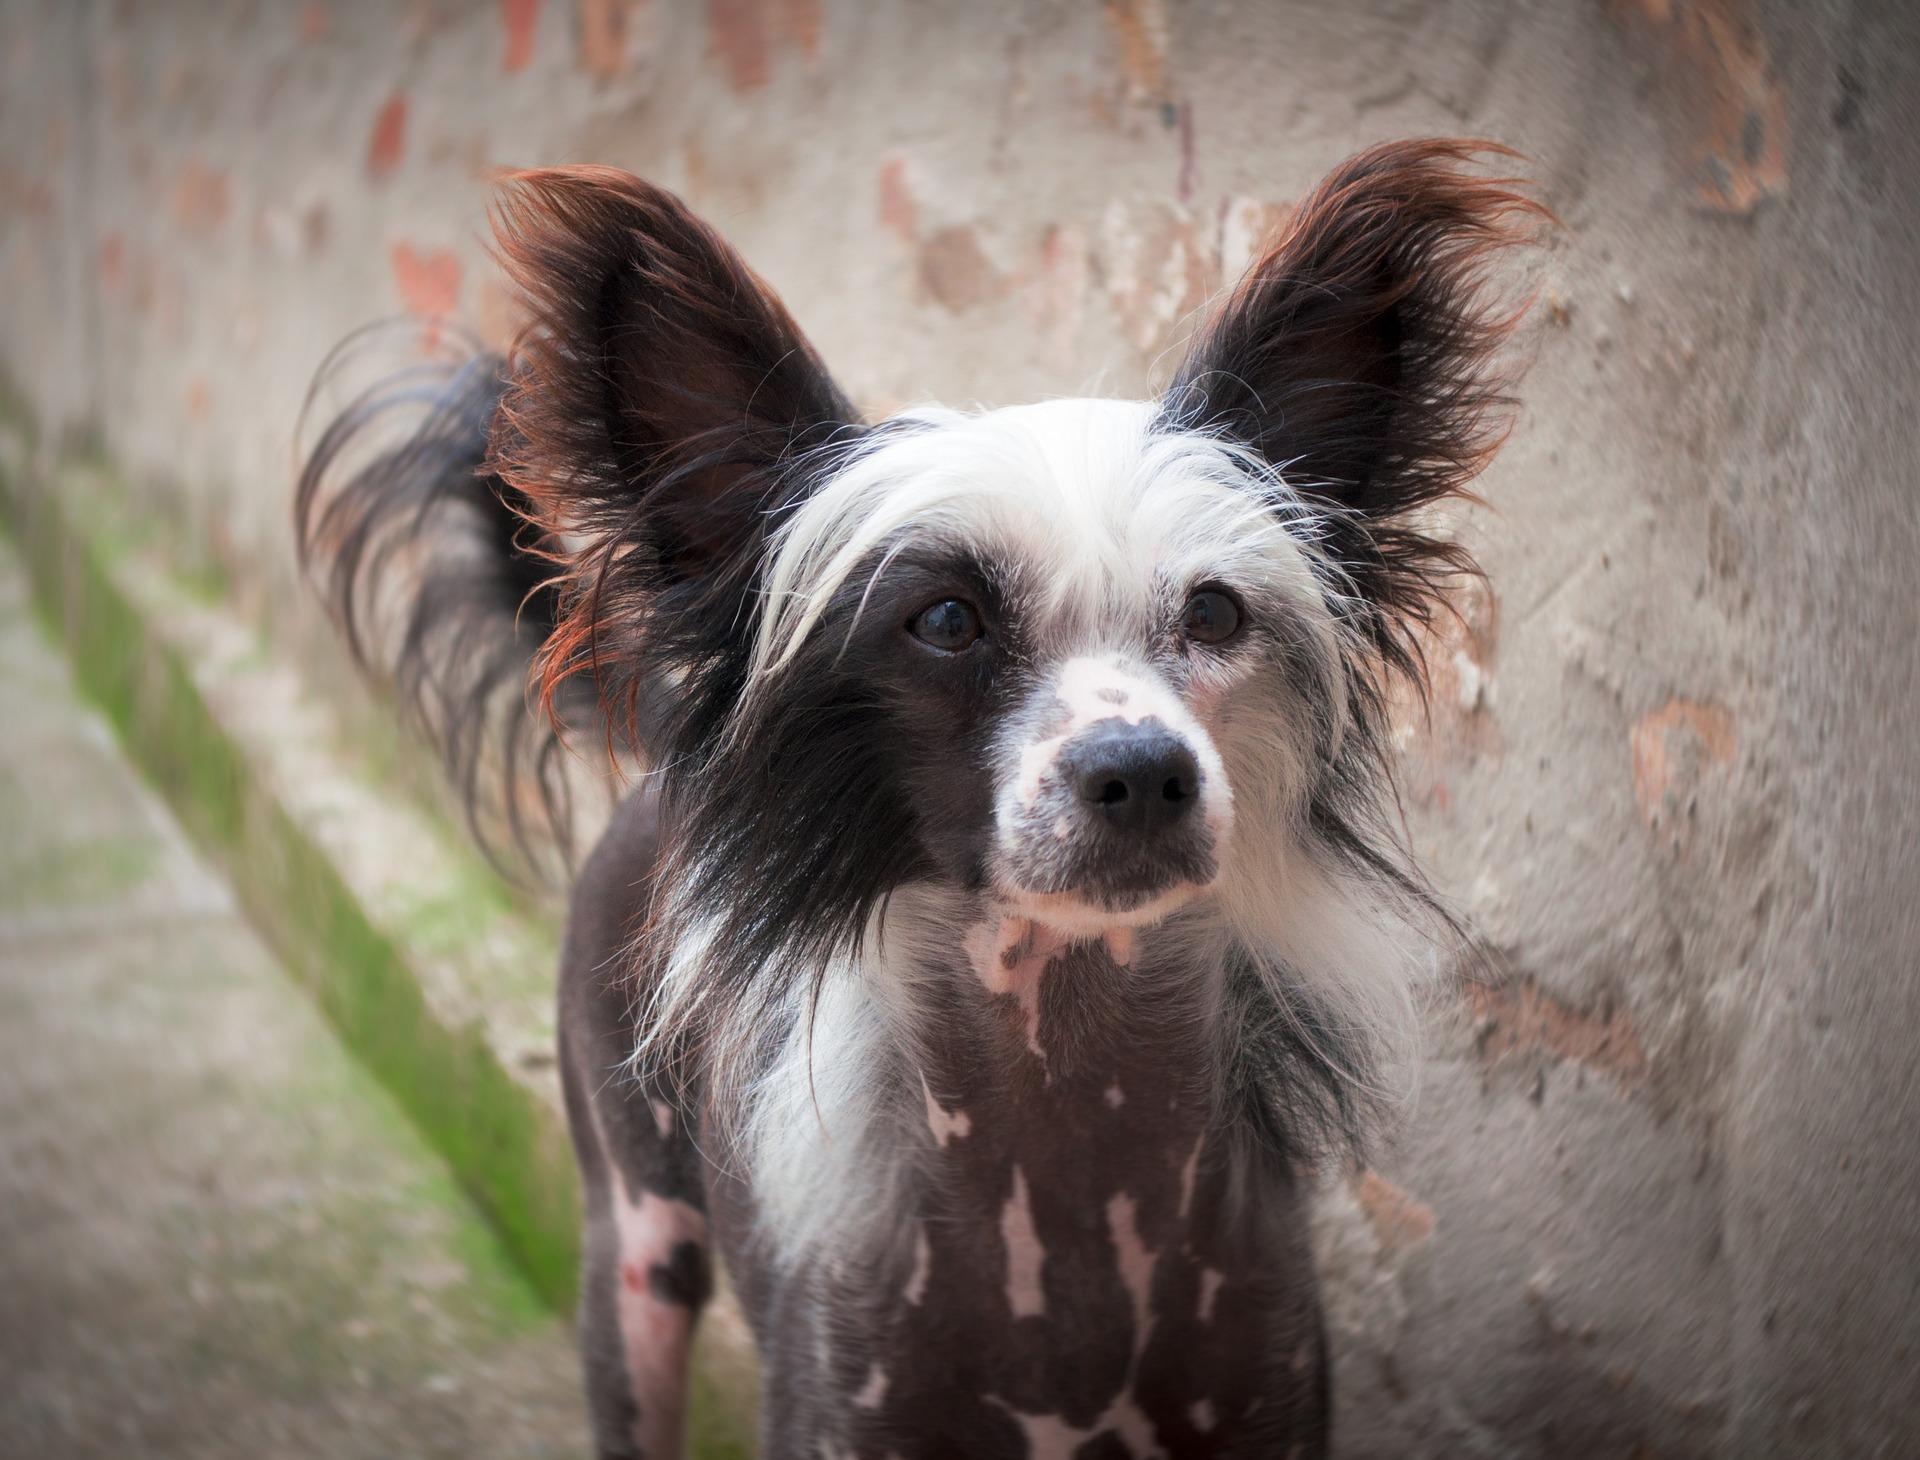 チャイニーズ・クレステッド・ドッグにおすすめのペット保険は?病気・ケガ・性格も解説